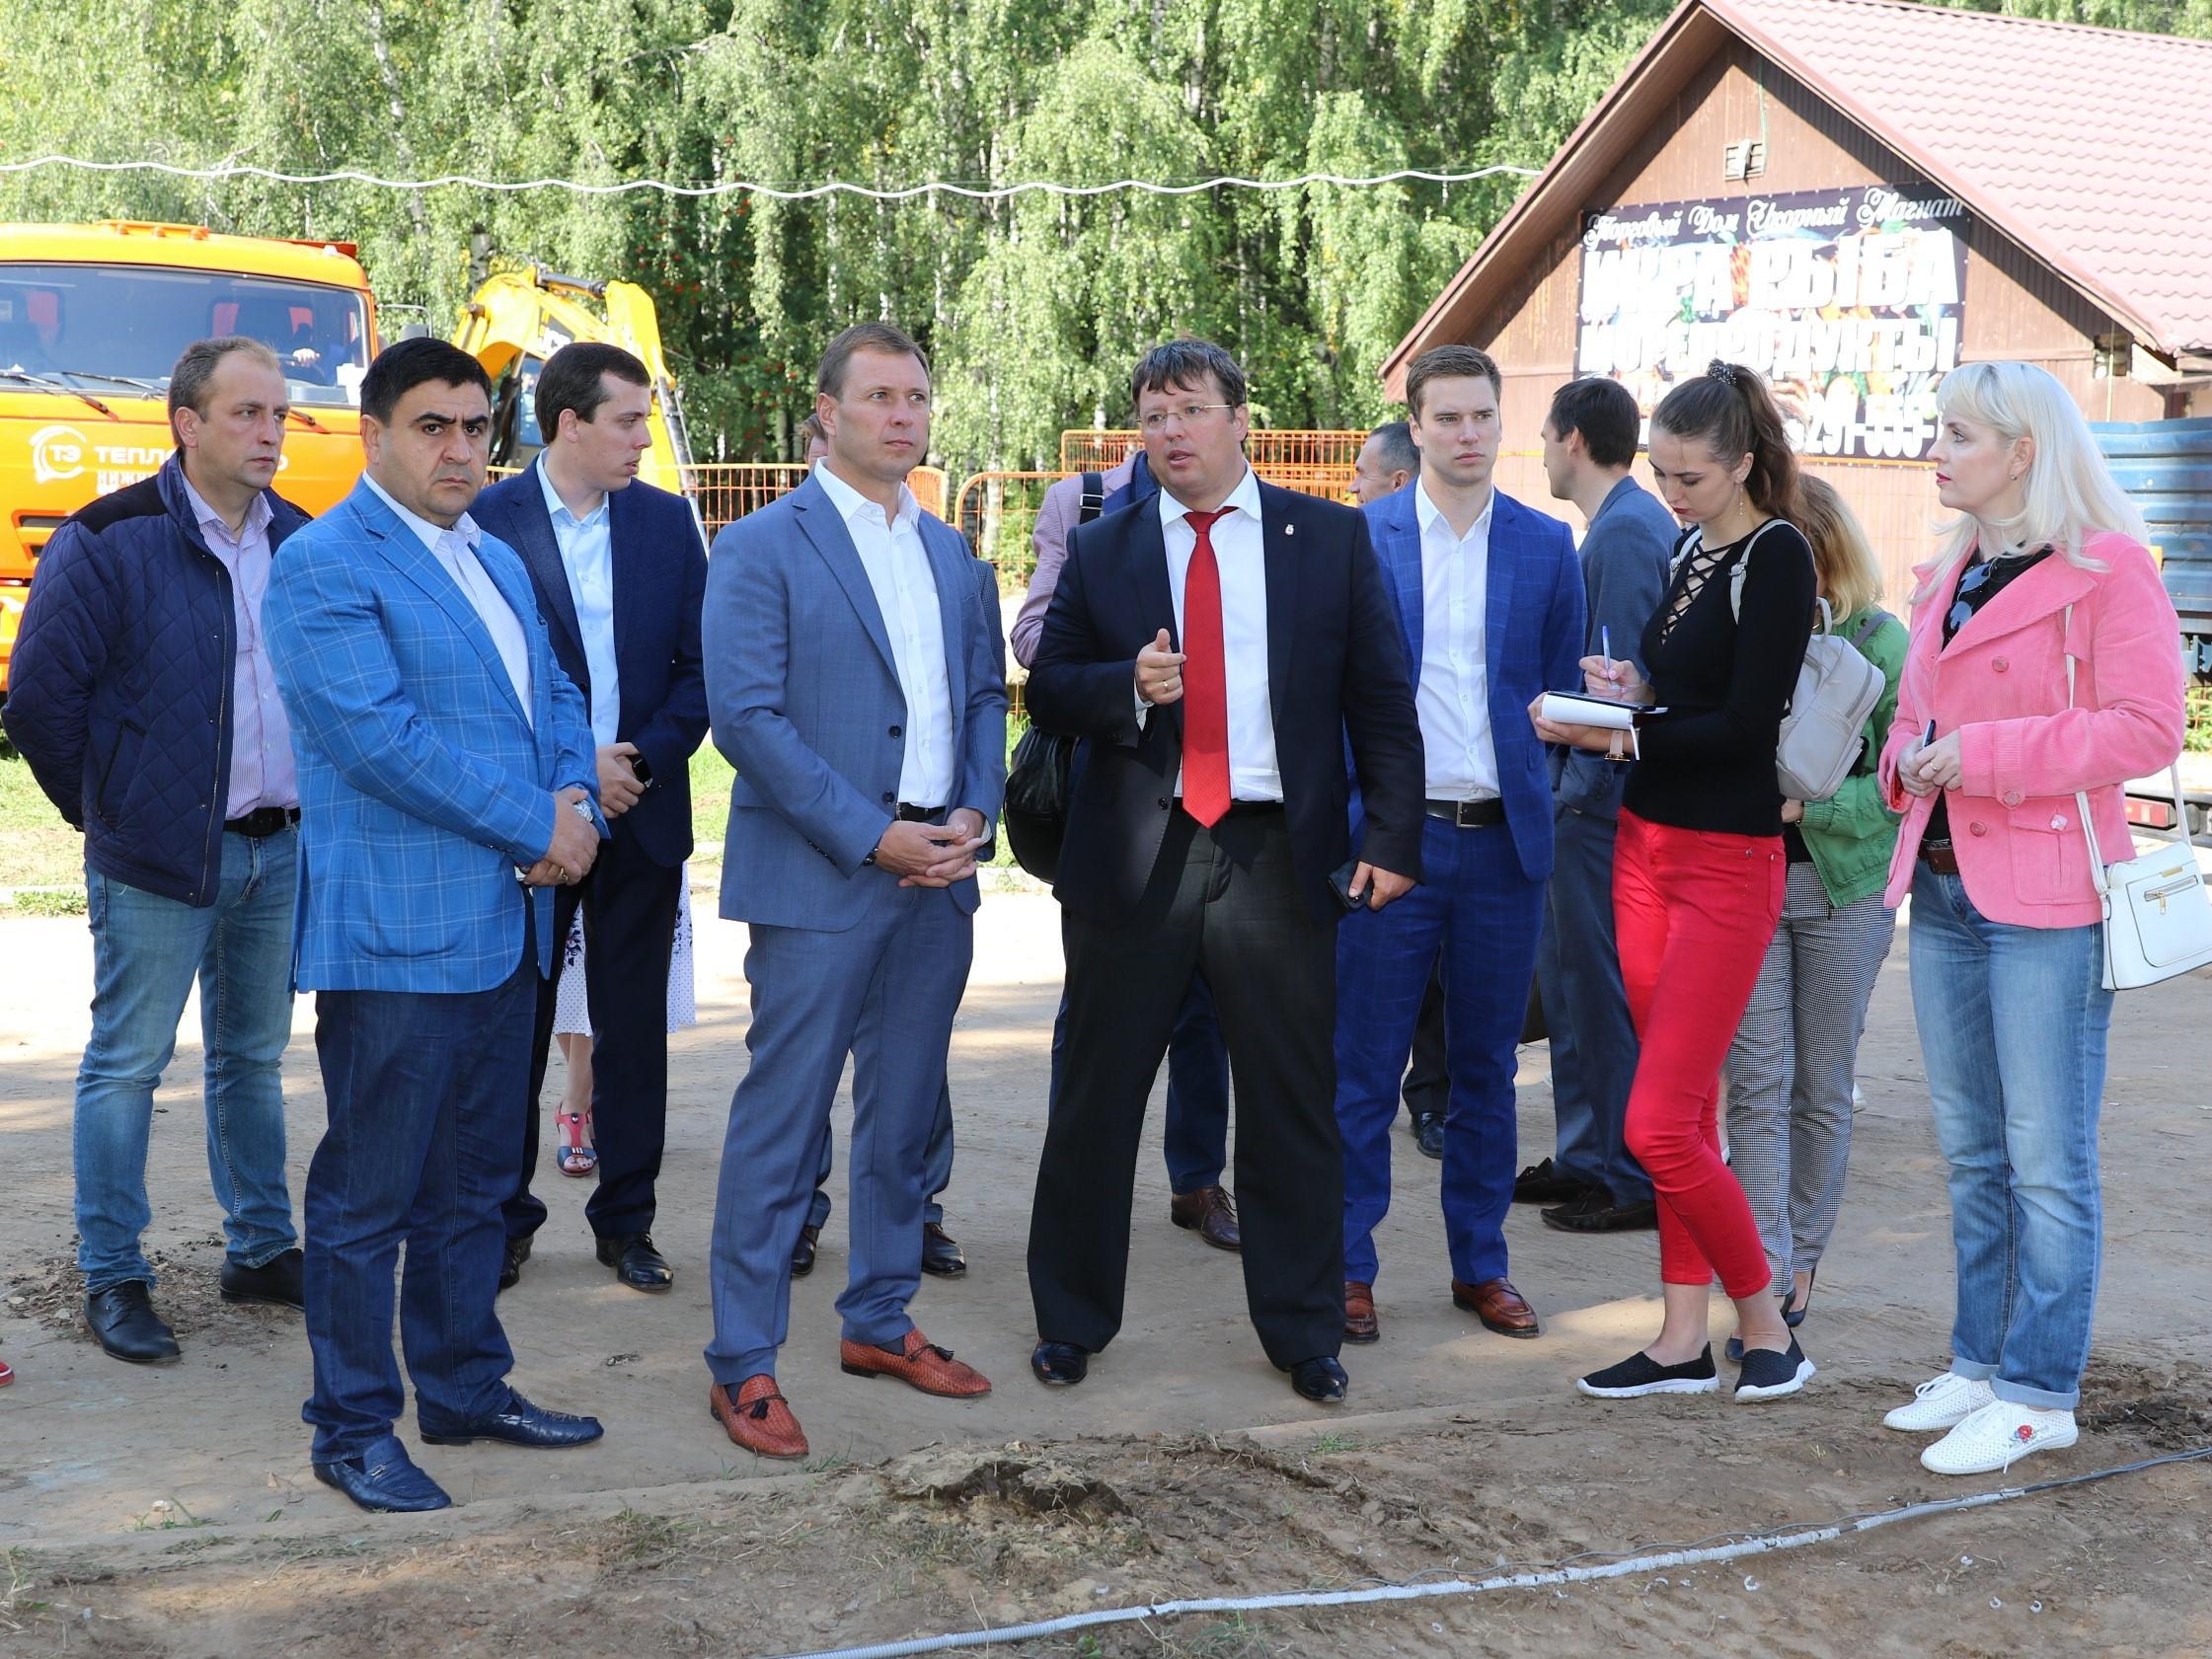 Парк им. Пушкина станет одной из пяти площадок для проведения праздничных мероприятий в День города